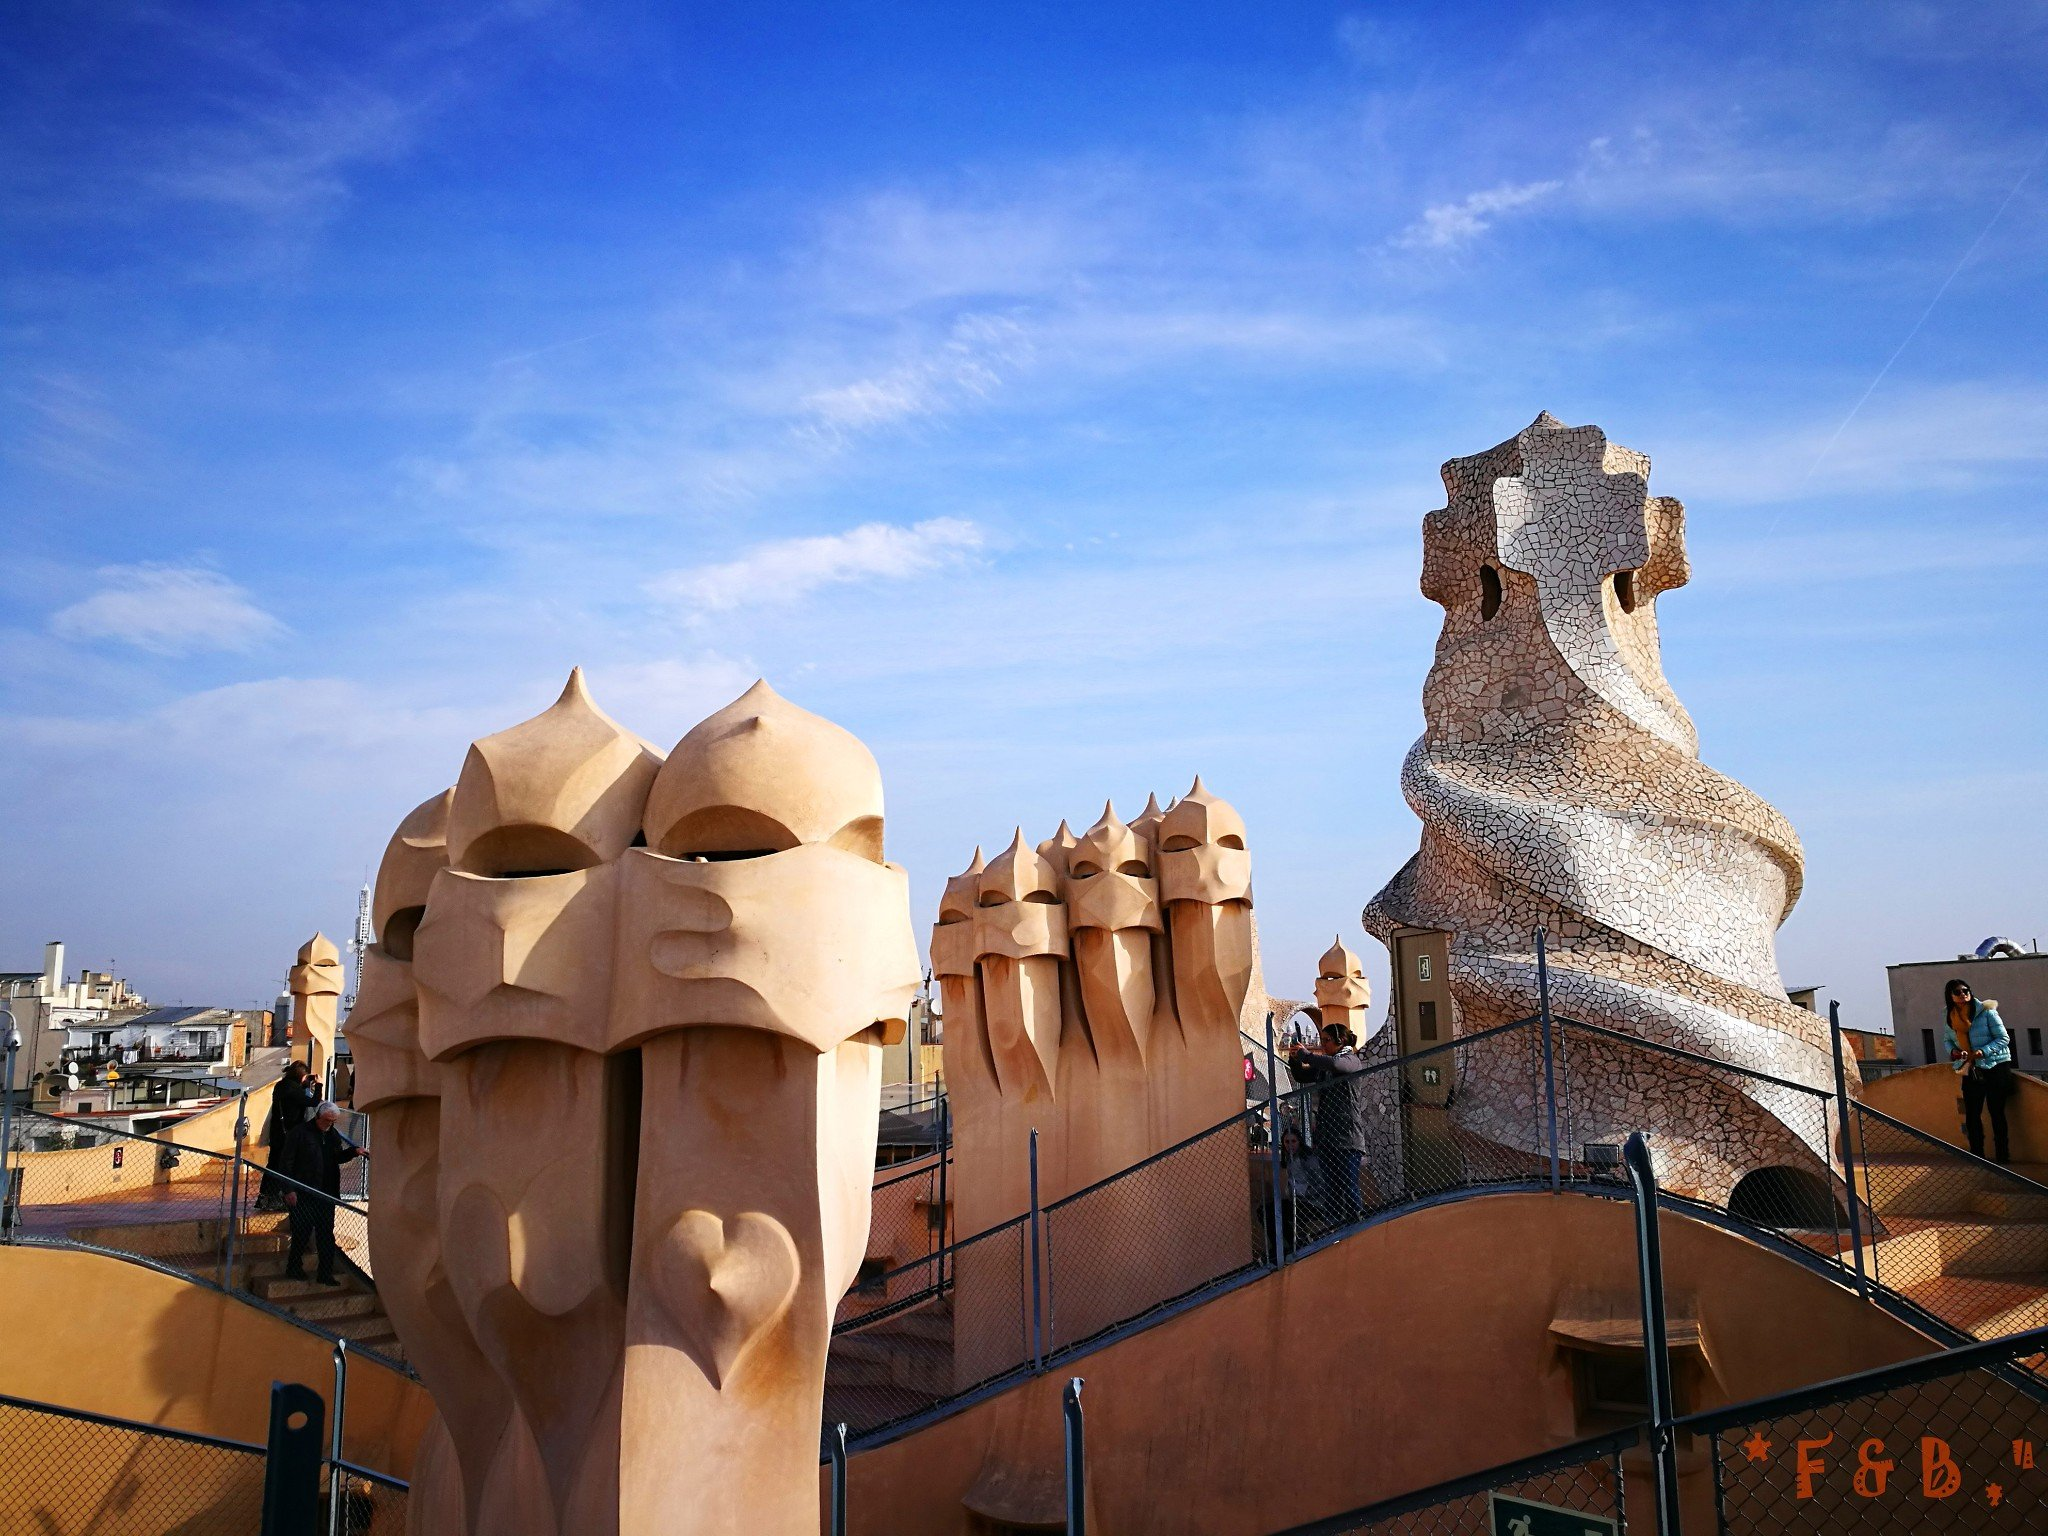 17年春节西班牙9日游(马德里、托莱多、塞维利亚、格拉纳达、巴塞罗那)